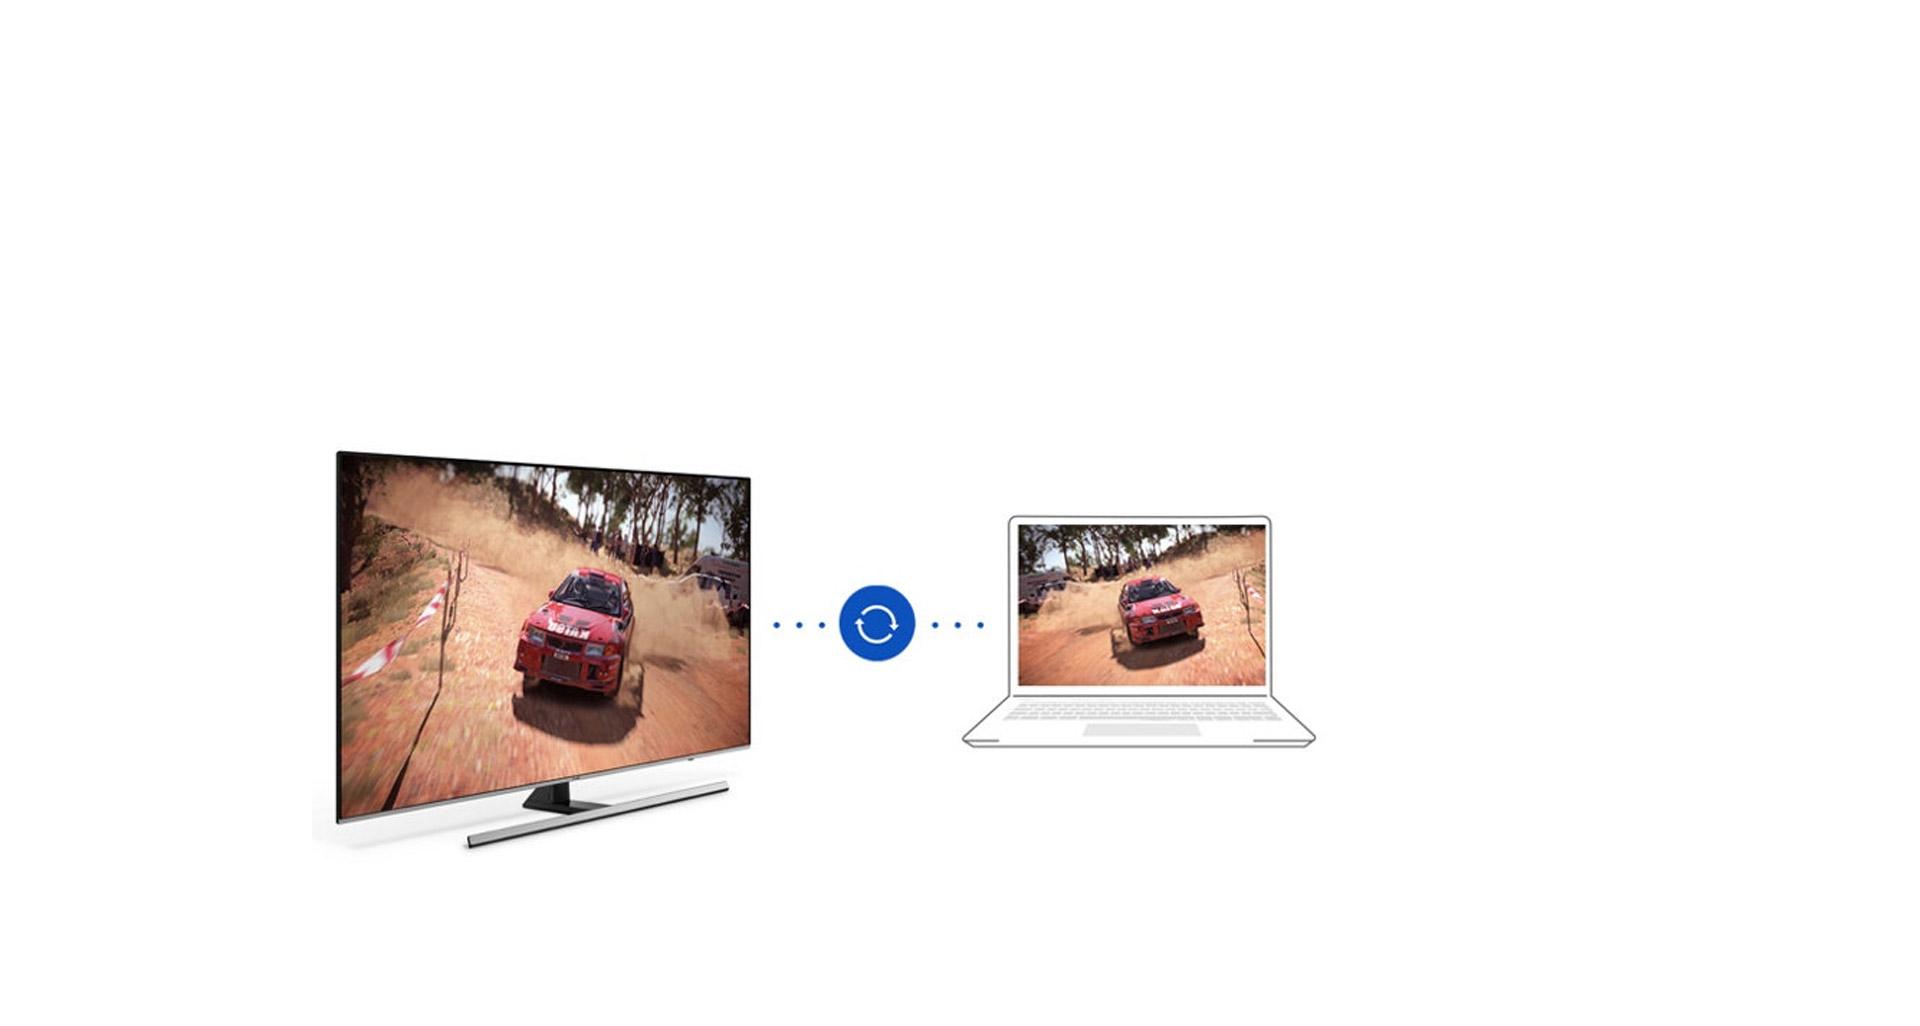 پخش بازی مورد علاقه تان در تلویزیون NU8